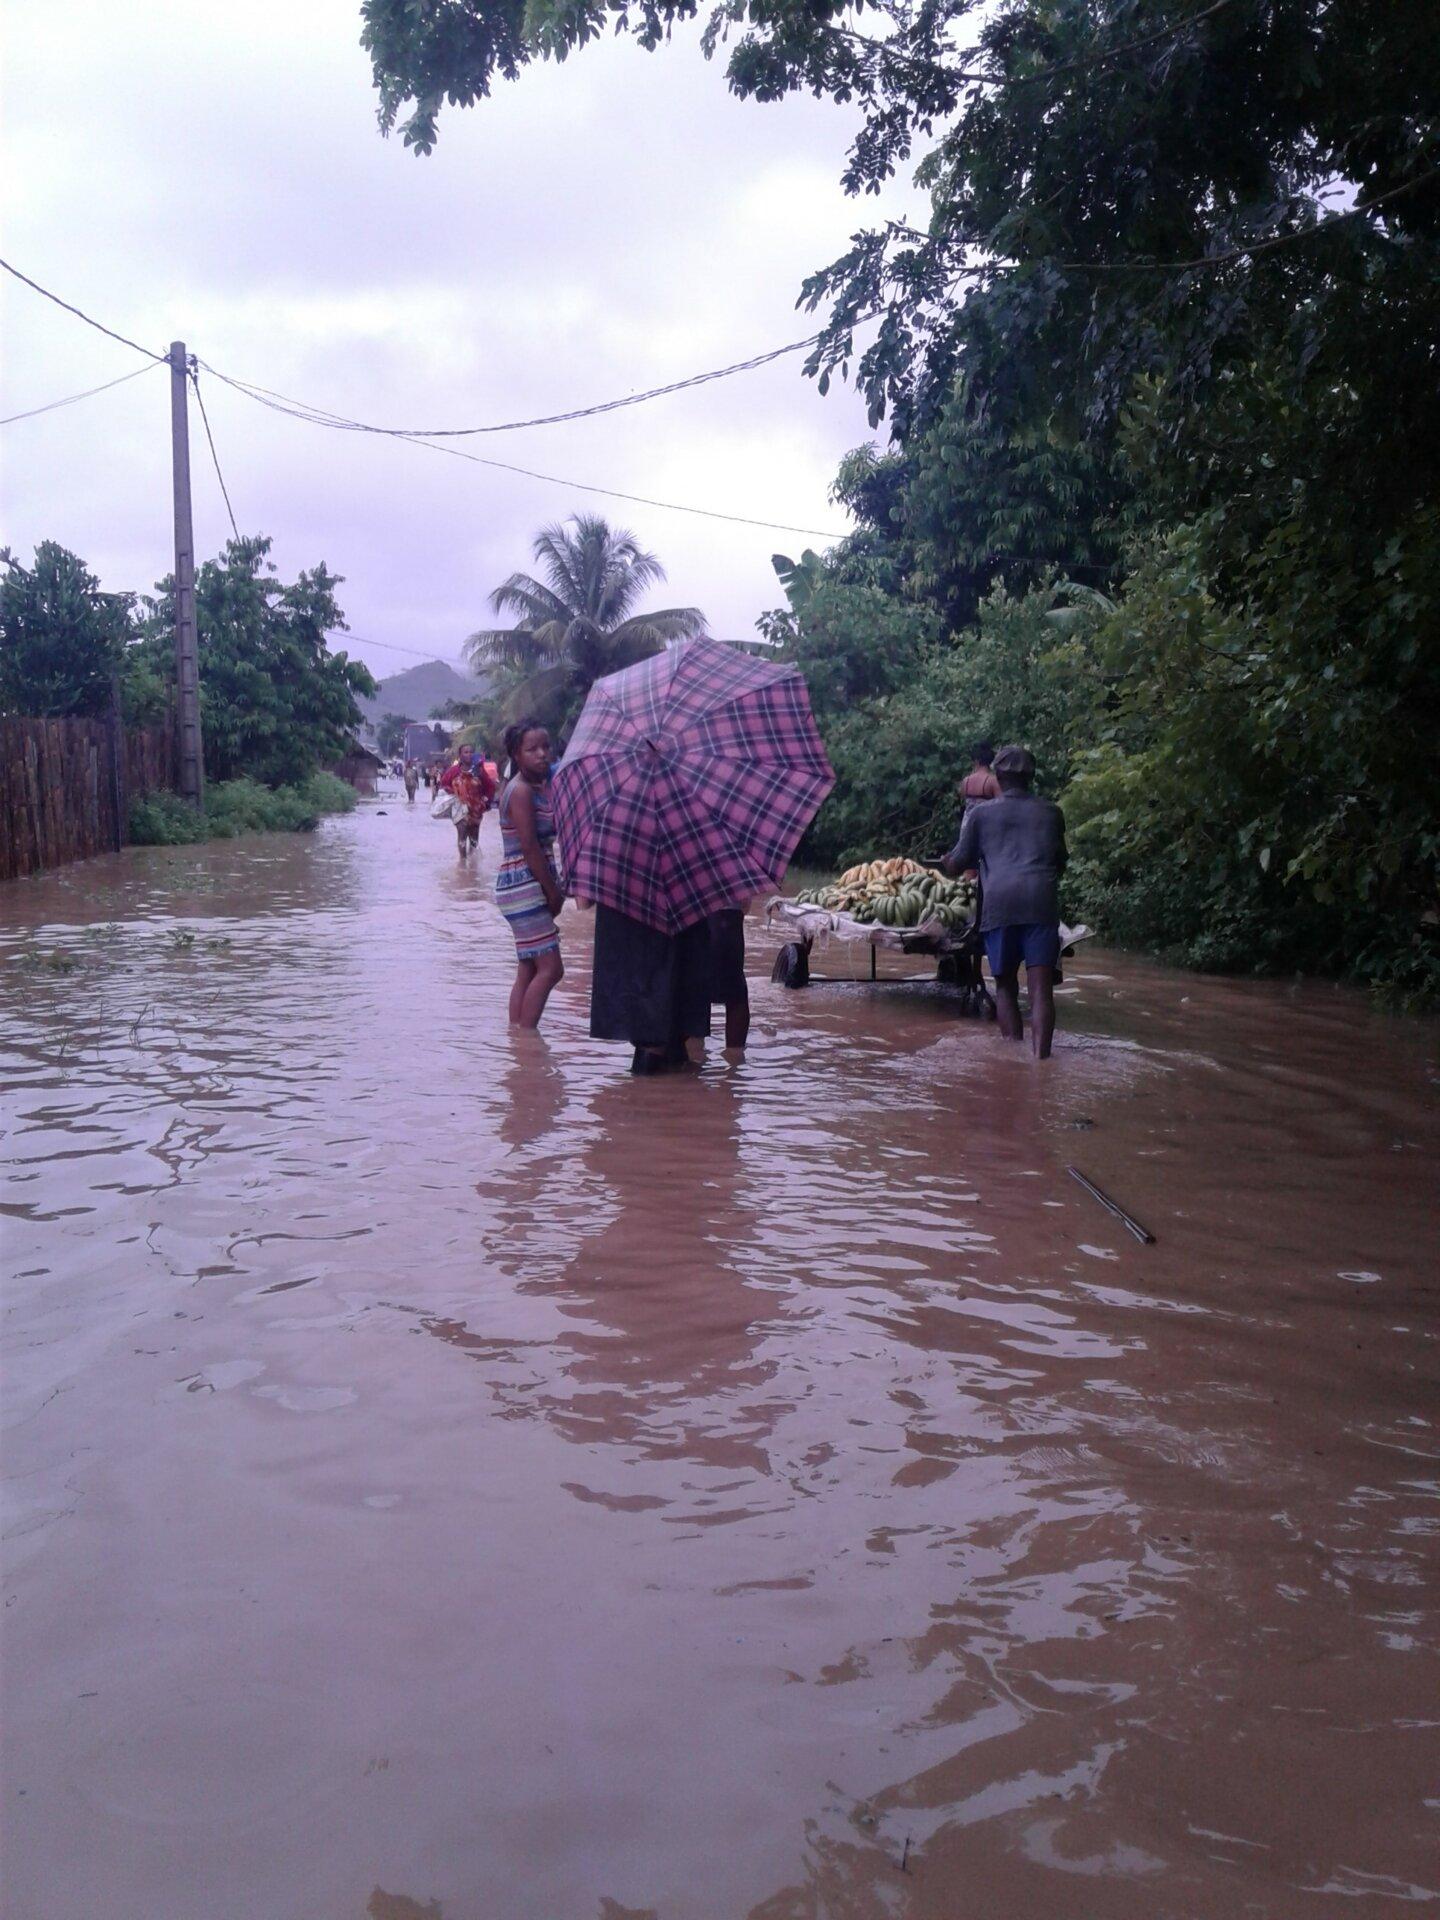 Ankatahafakely sous l'eau après une dépression tropicale | © Helvetas